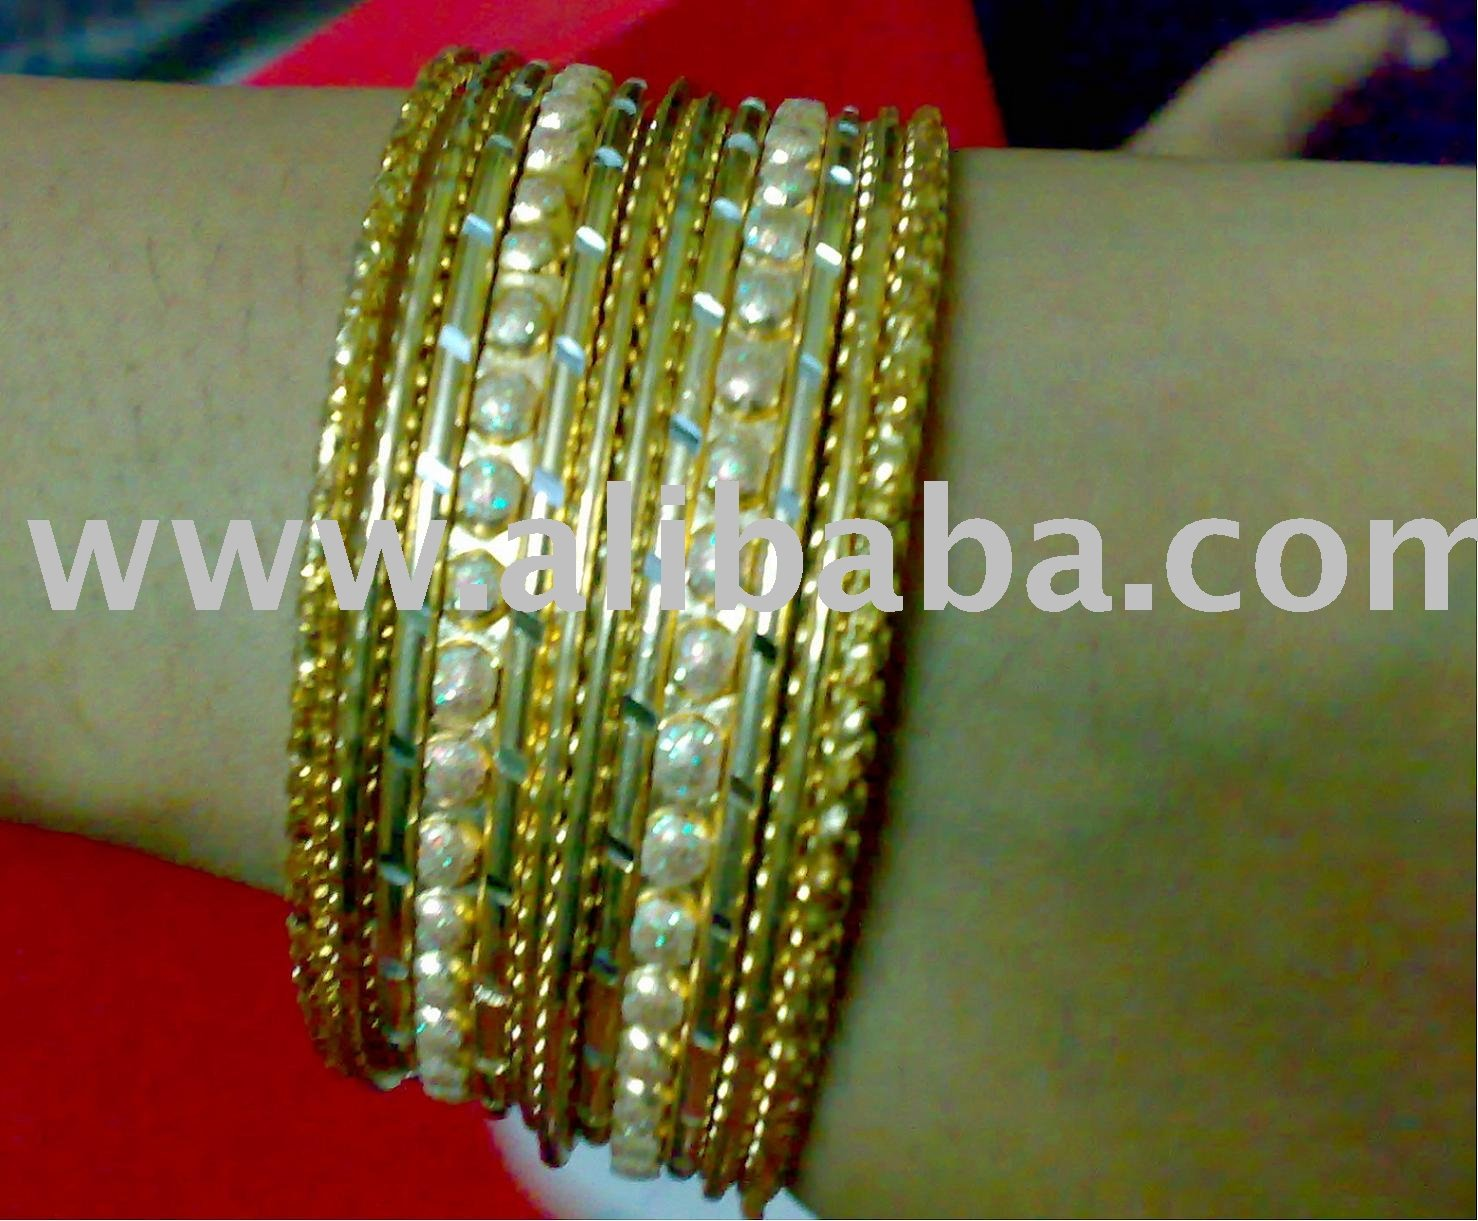 Wholesale Indian Metal Aluminium Bangles, Wholesale Indian Metal ...